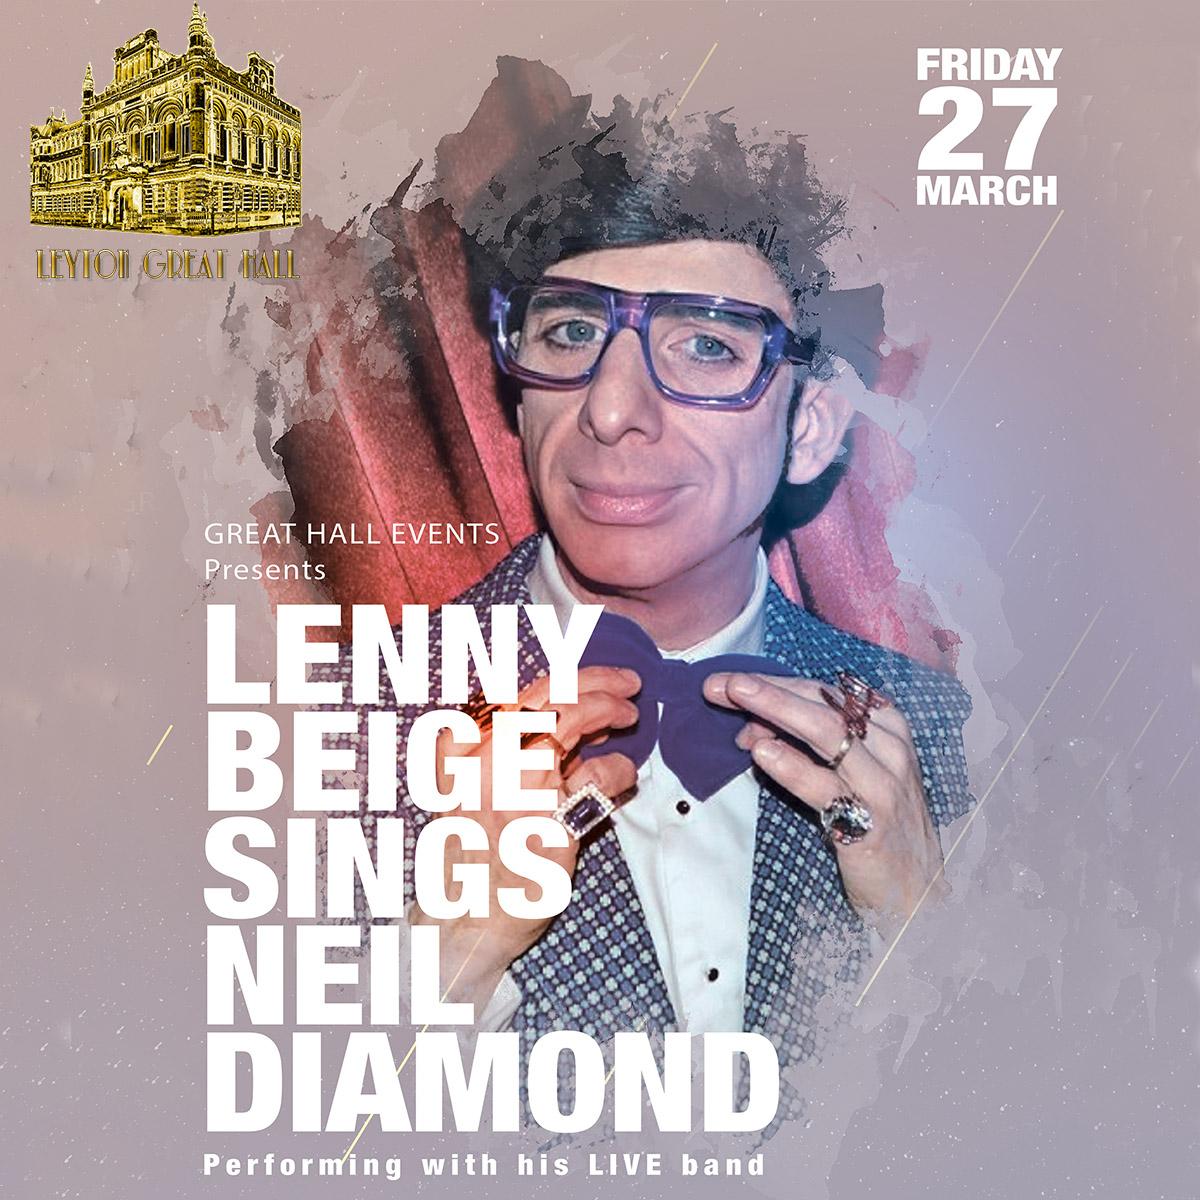 LENNY BEIGE SING NEIL DIAMOND